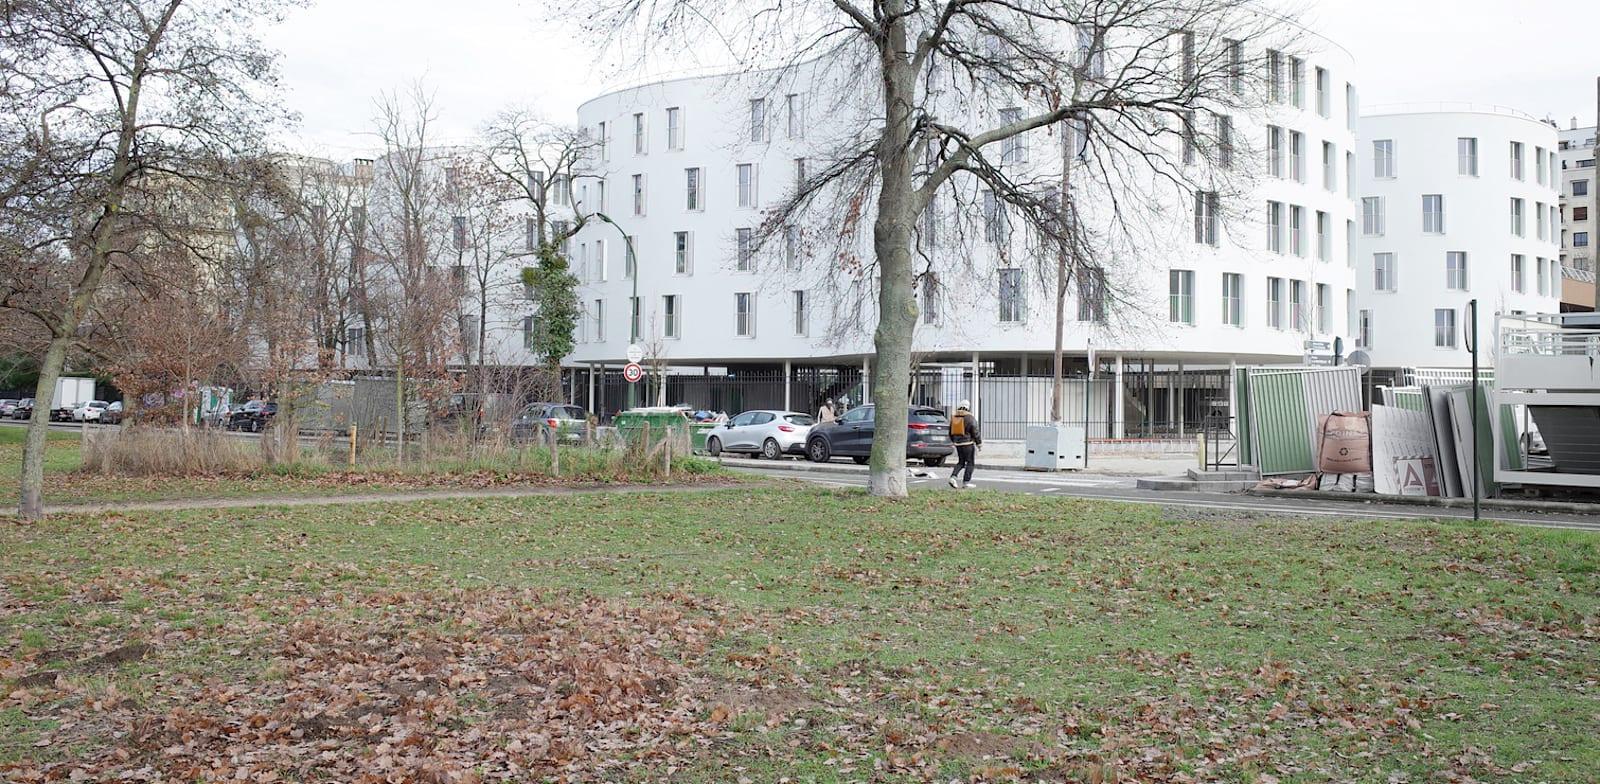 דיור בר–השגה בעיצוב יוקרתי בפריז / צילום: studio SANAA